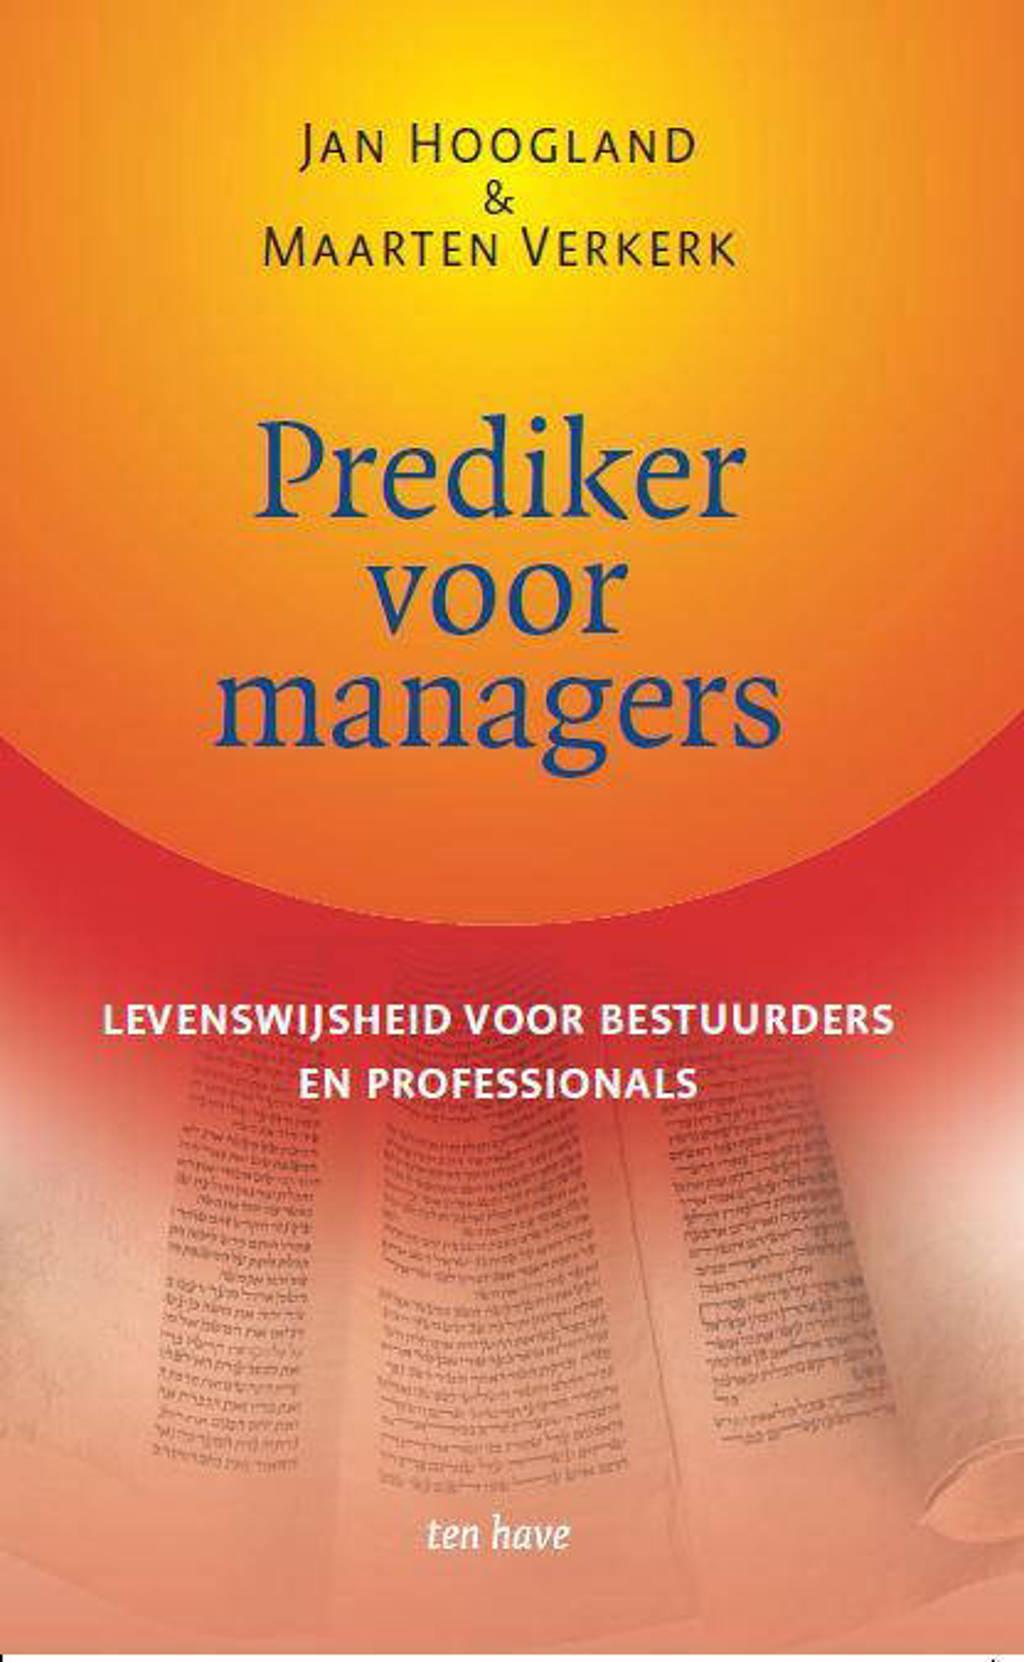 Prediker voor managers - Jan Hoogland en Maarten Verkerk